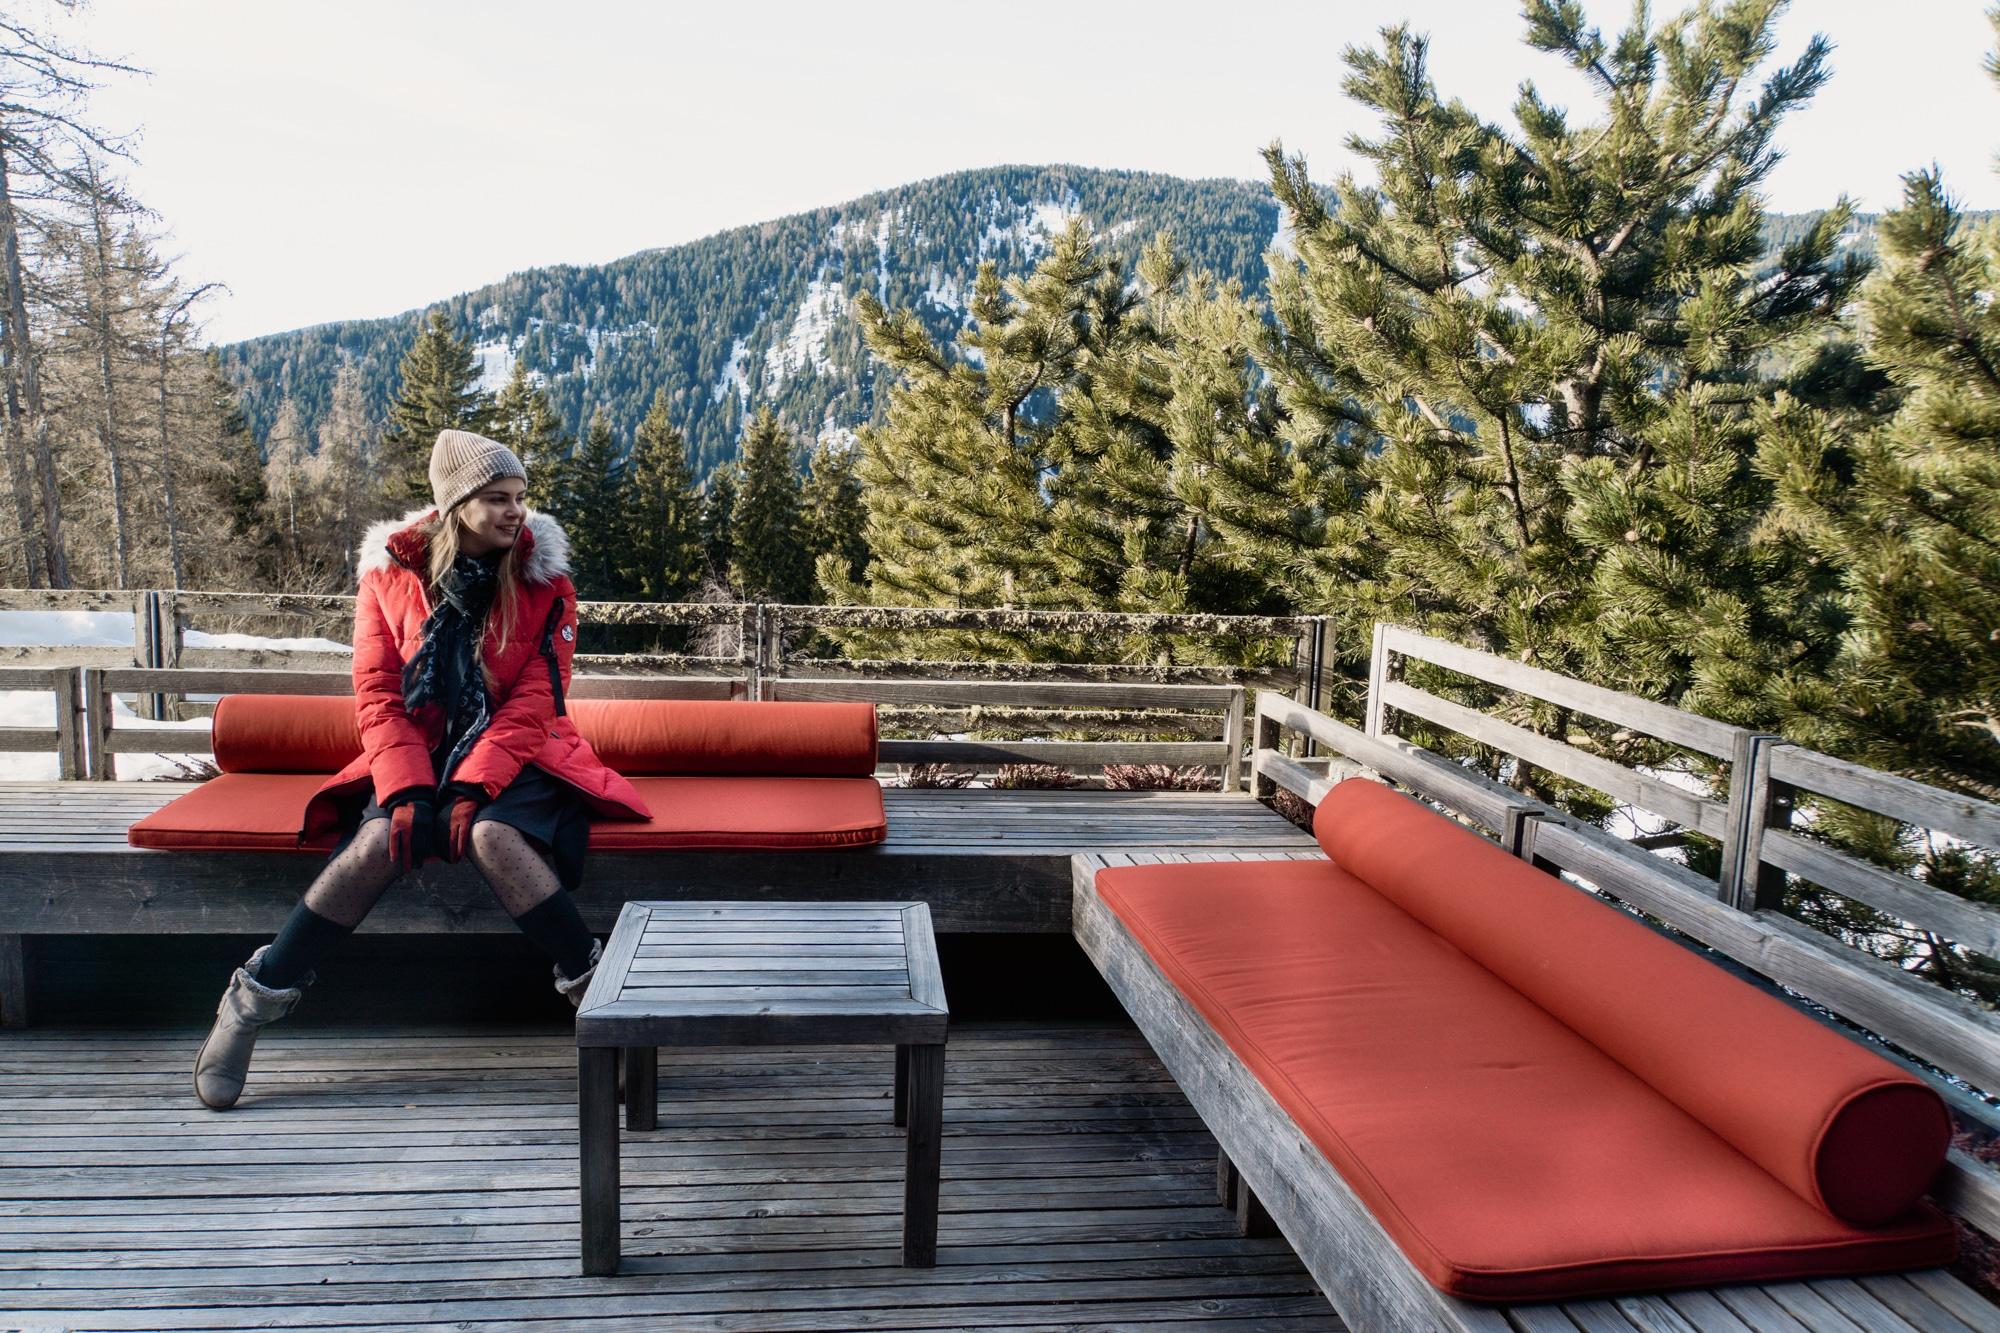 Lana, Südtirol: Winterurlaub mit Skifahren, Wellness und leckerem Essen - Vigilius Mountain Resort -Terrasse